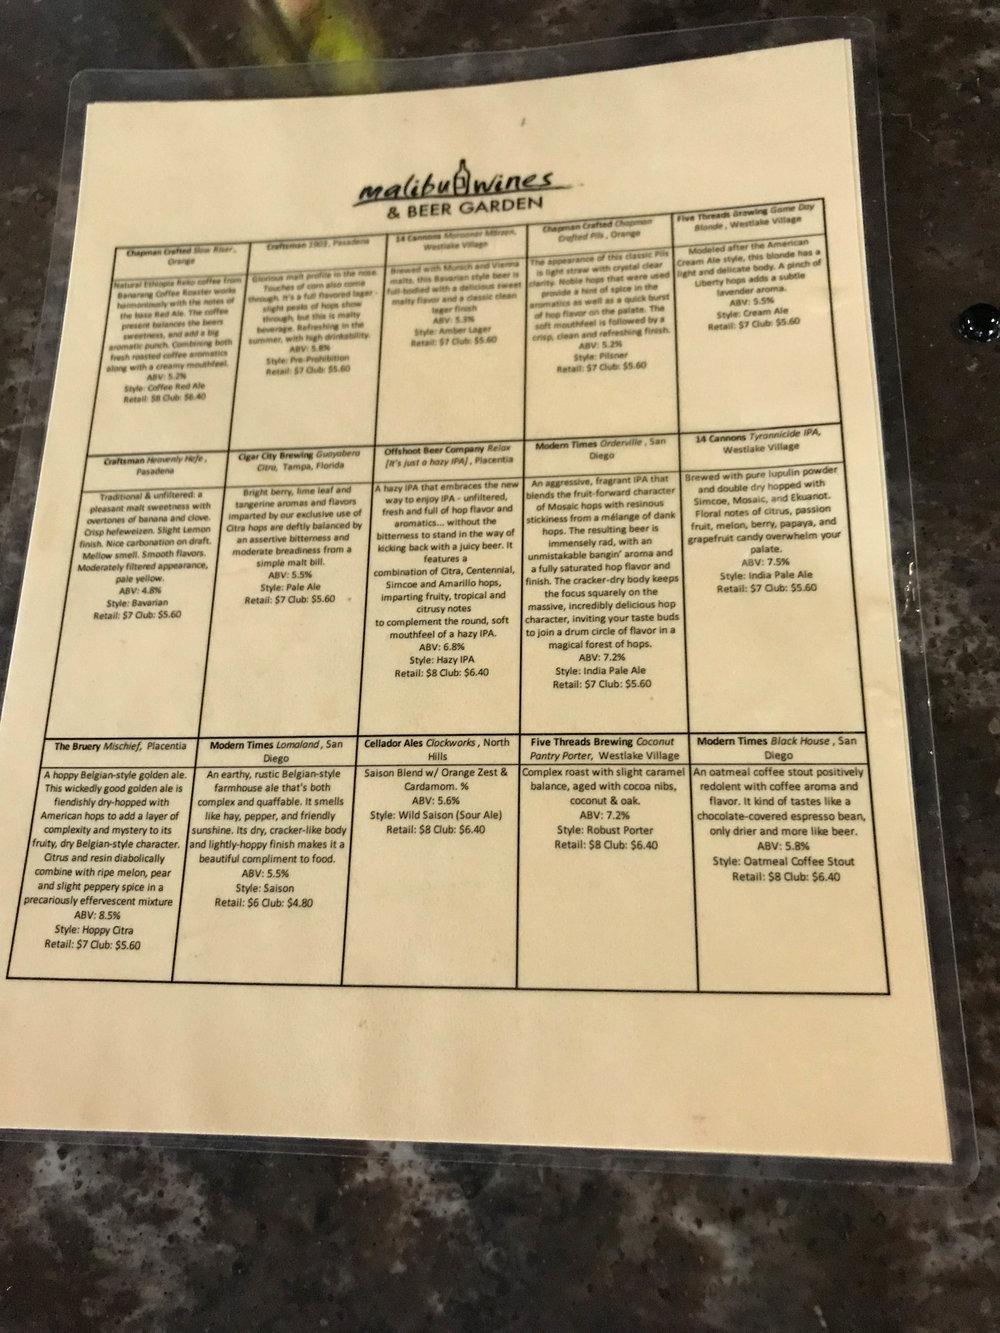 Malibu Wine and Beer Garden-beer list menu.jpg